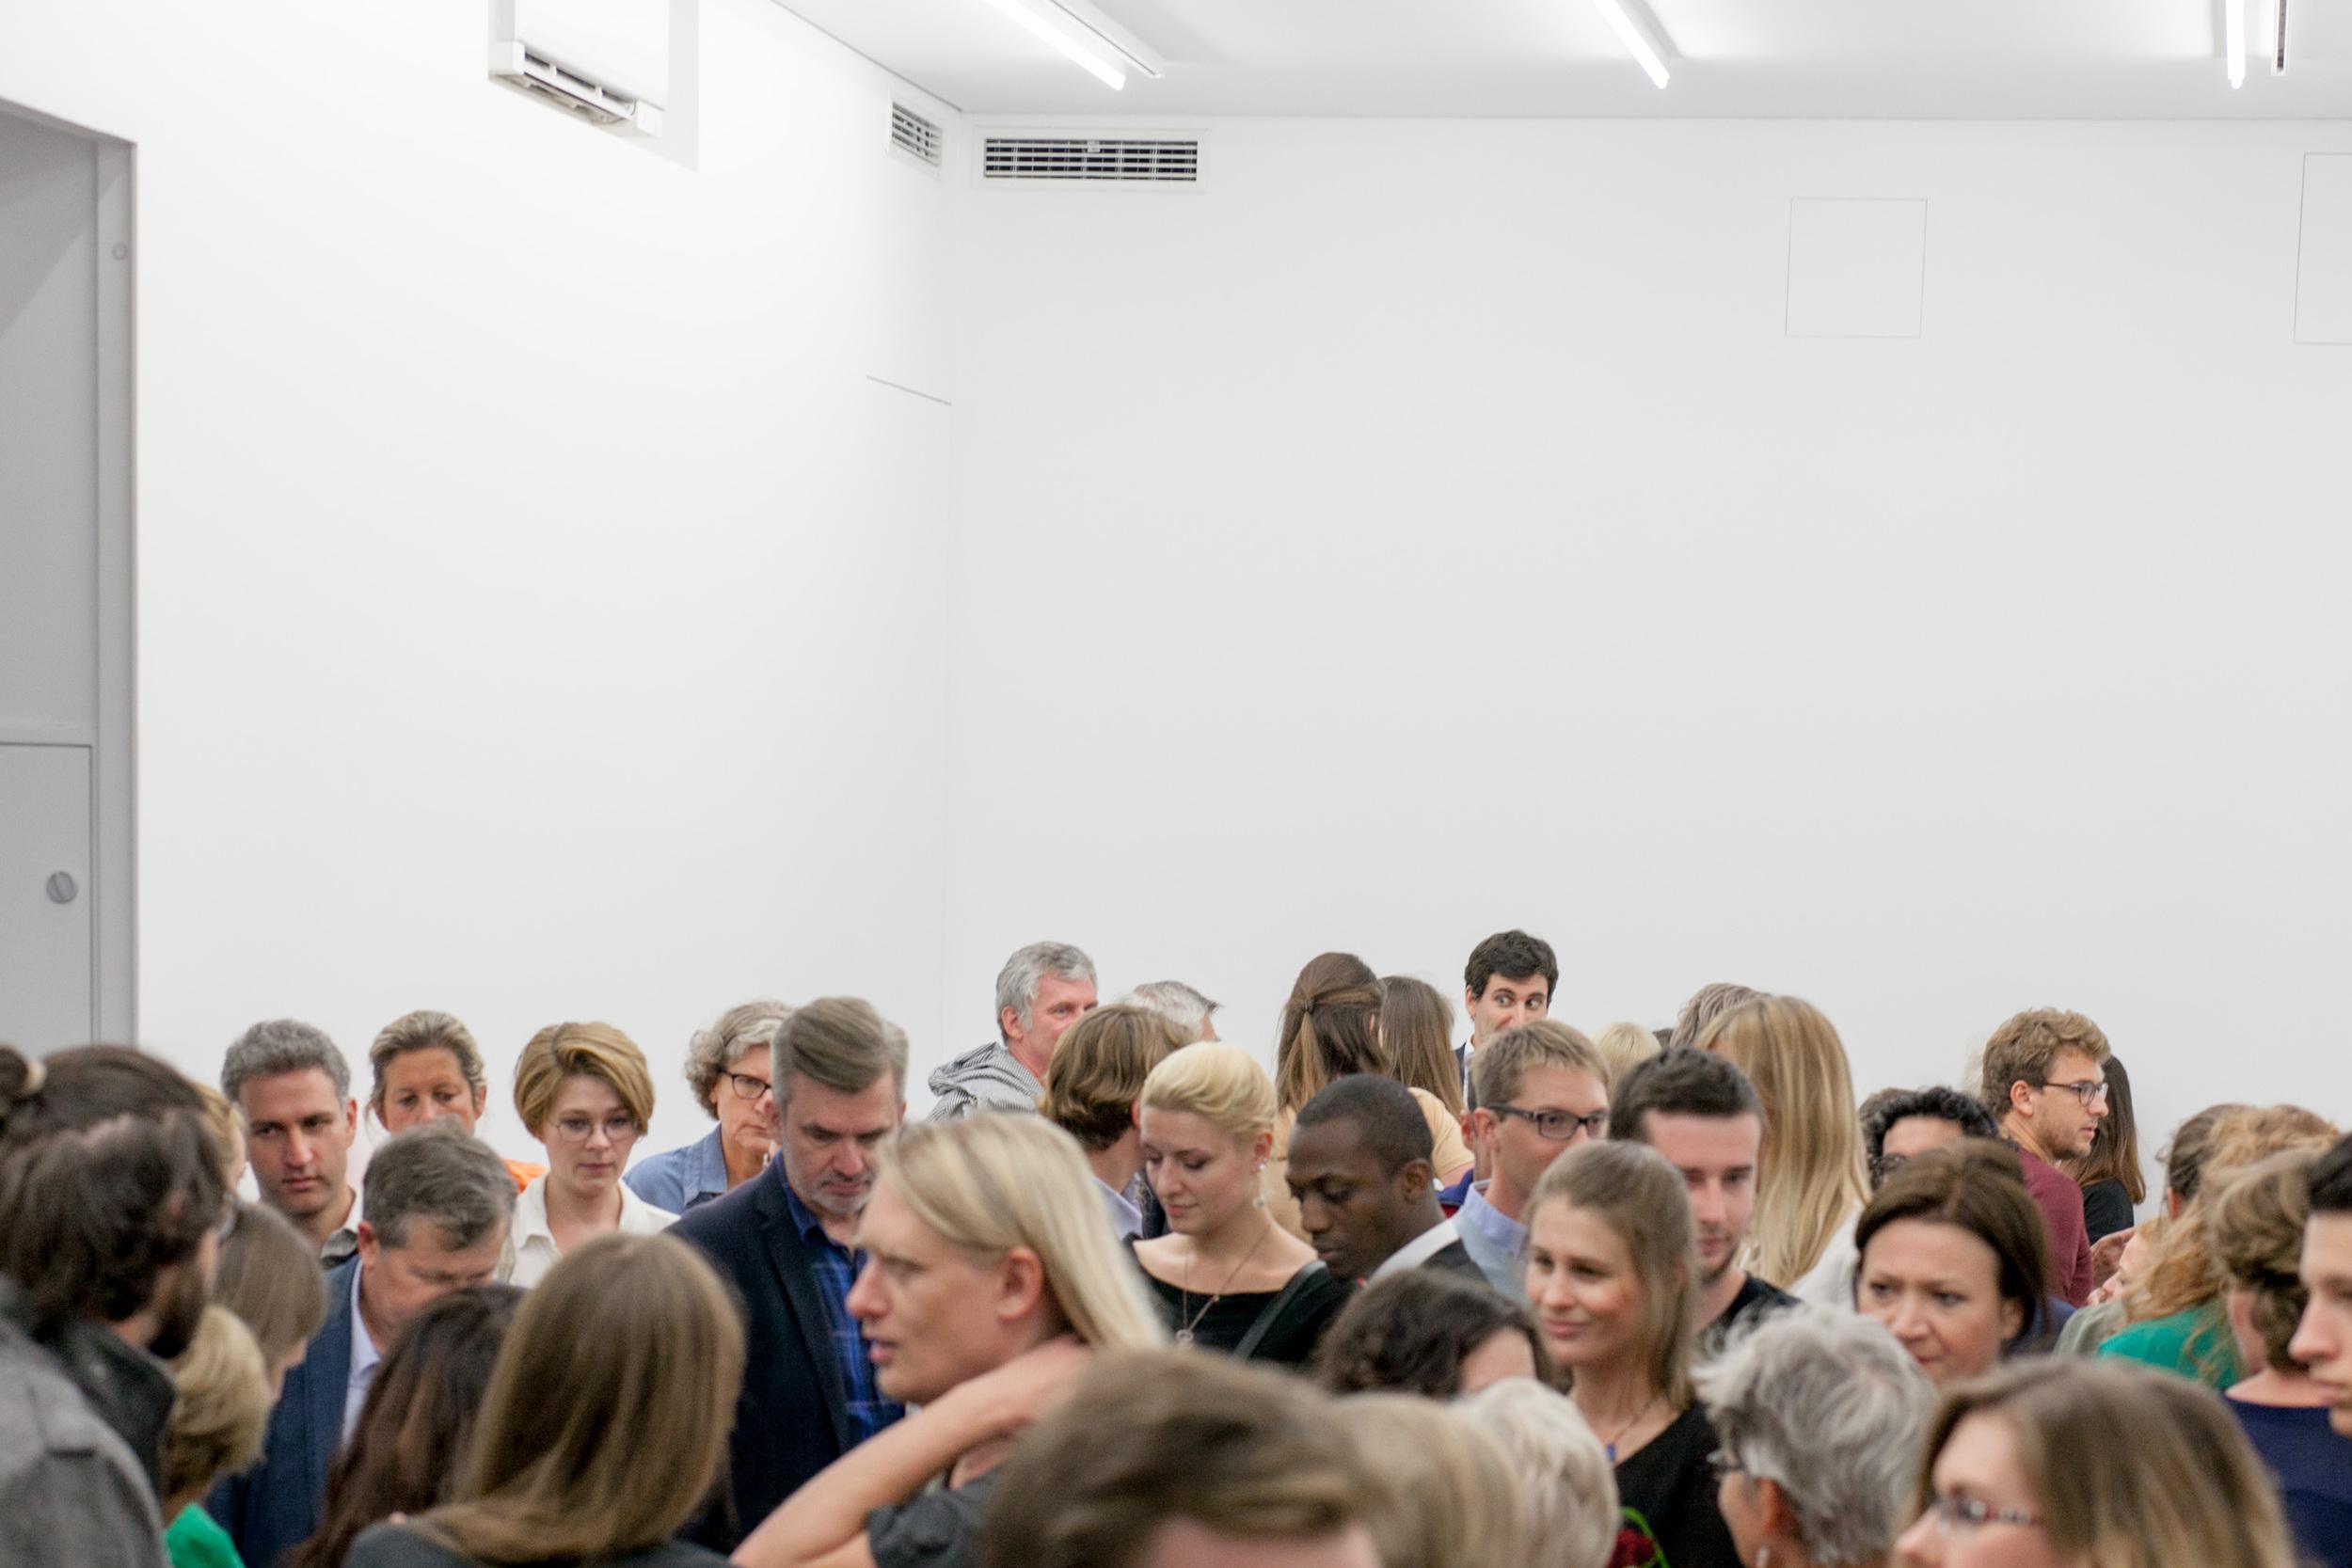 Opening of the exhibition (photo: Wojtek Moskwa)